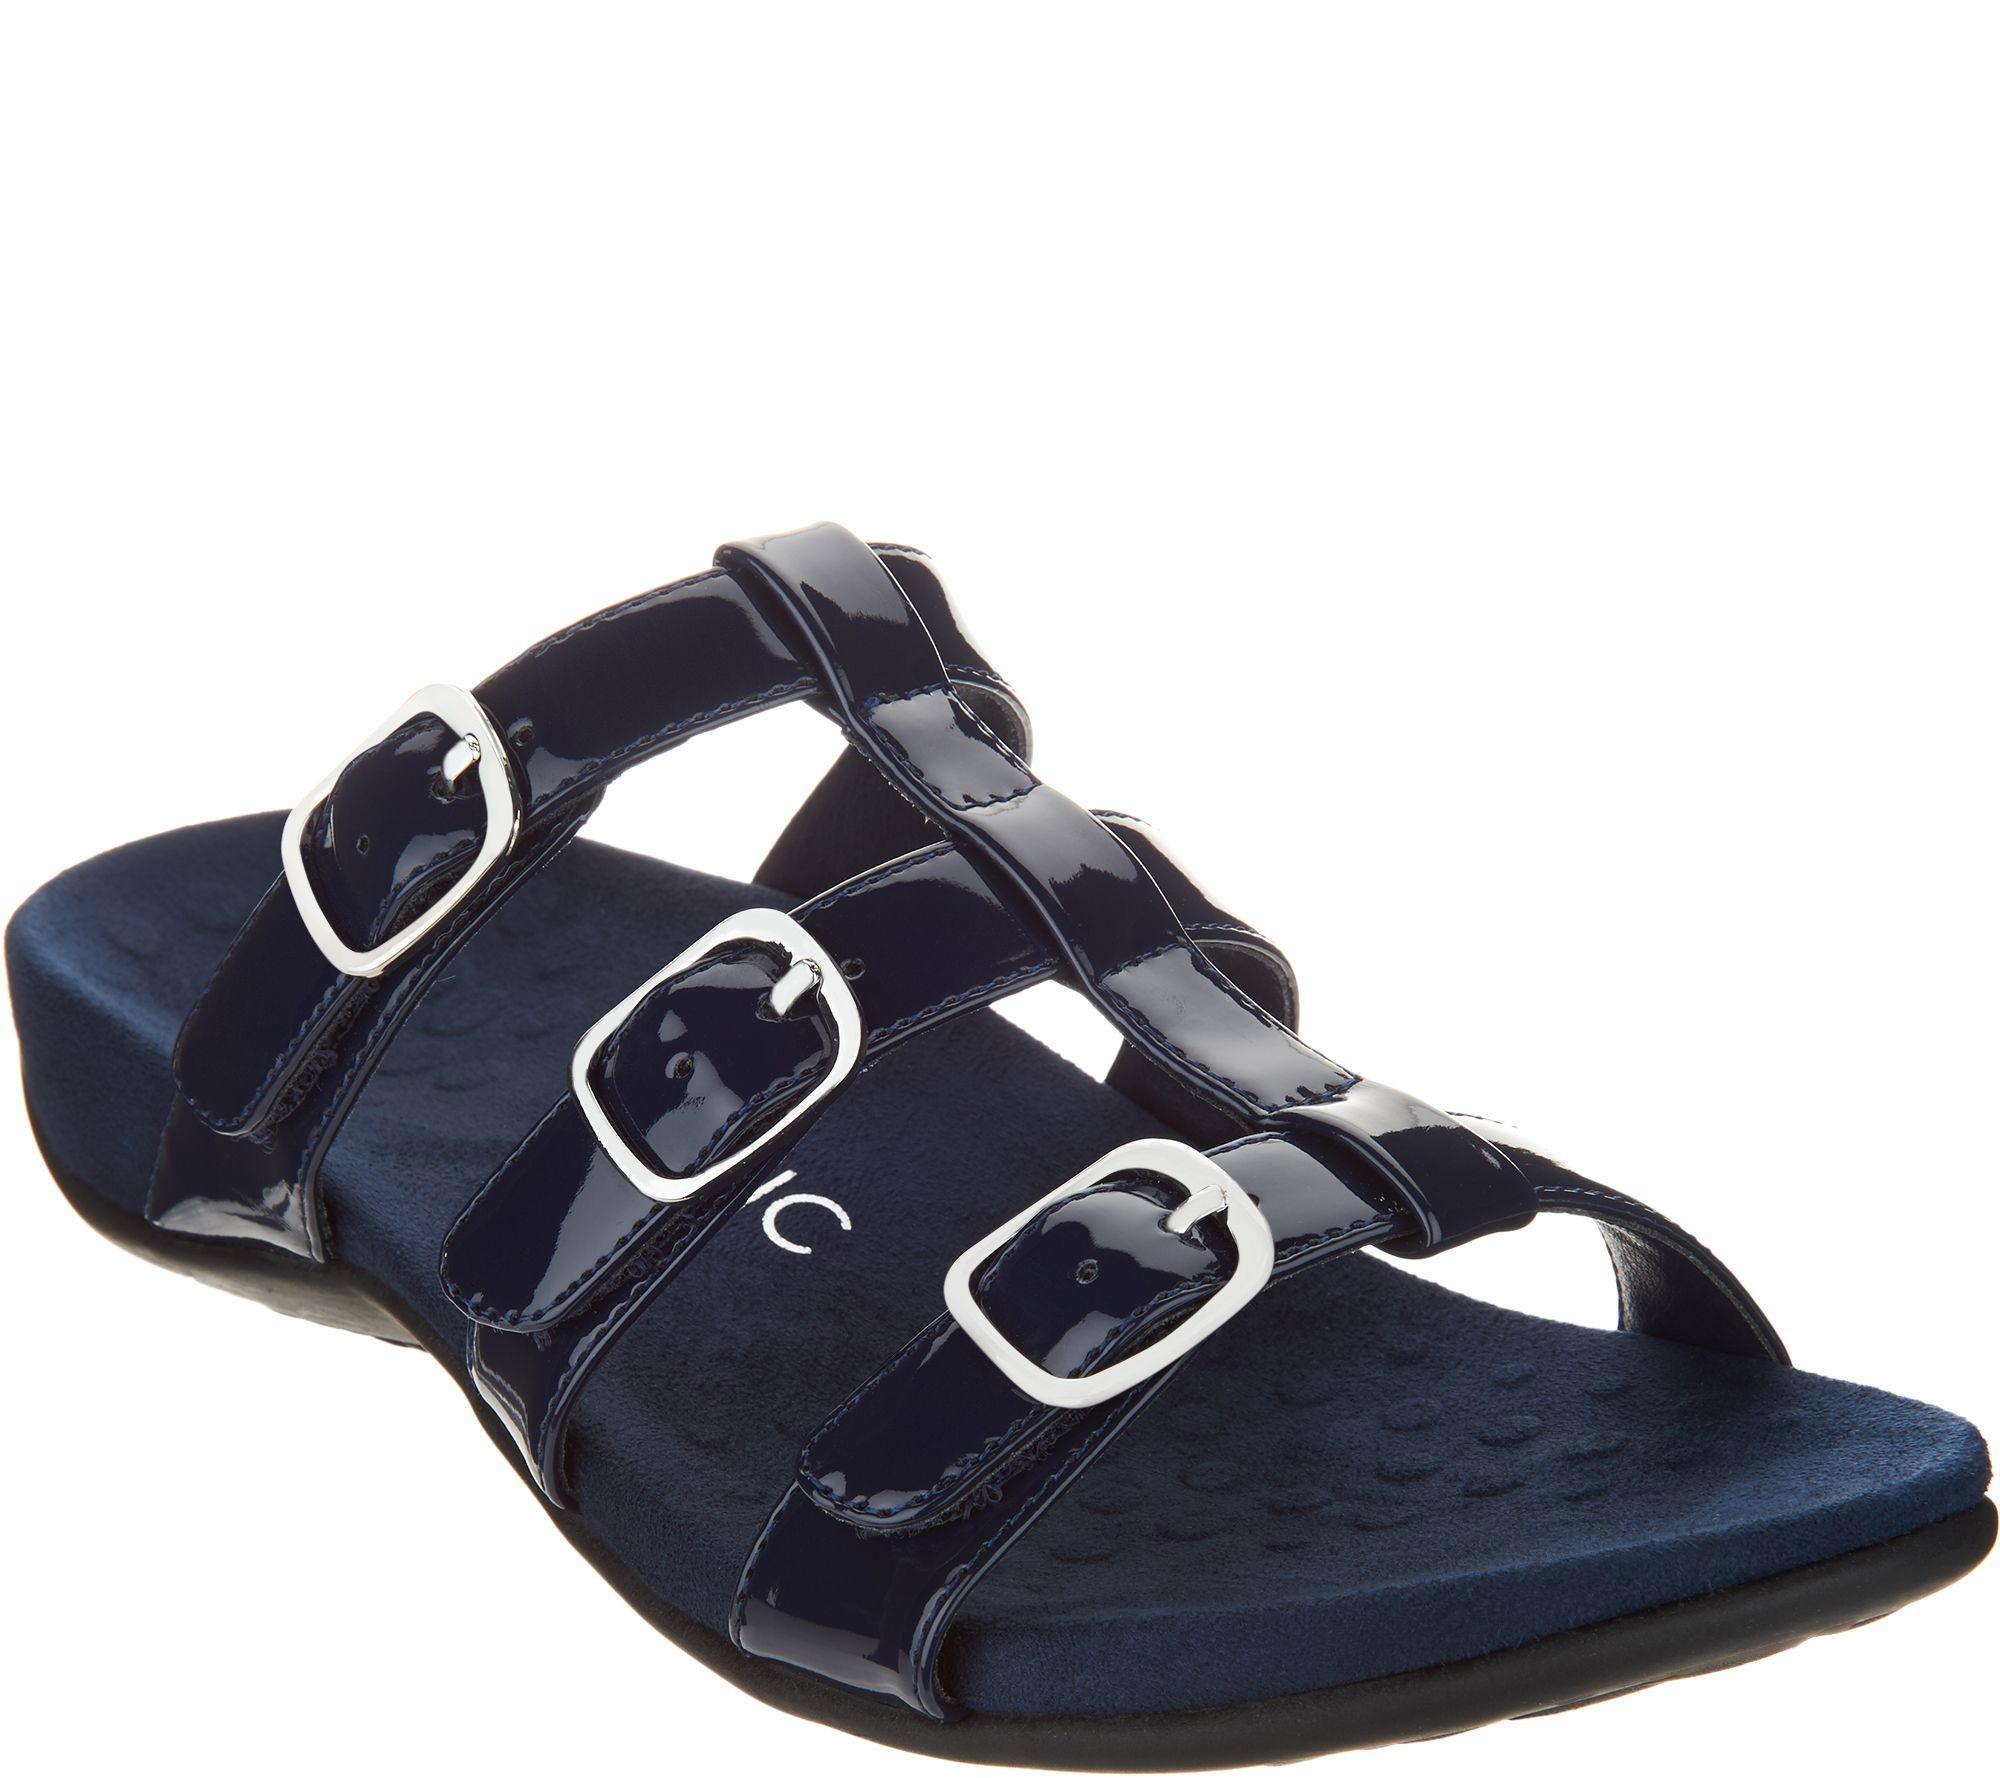 9d3e8bdb6687 Vionic Adjustable Slide Sandals - Misa — QVC.com